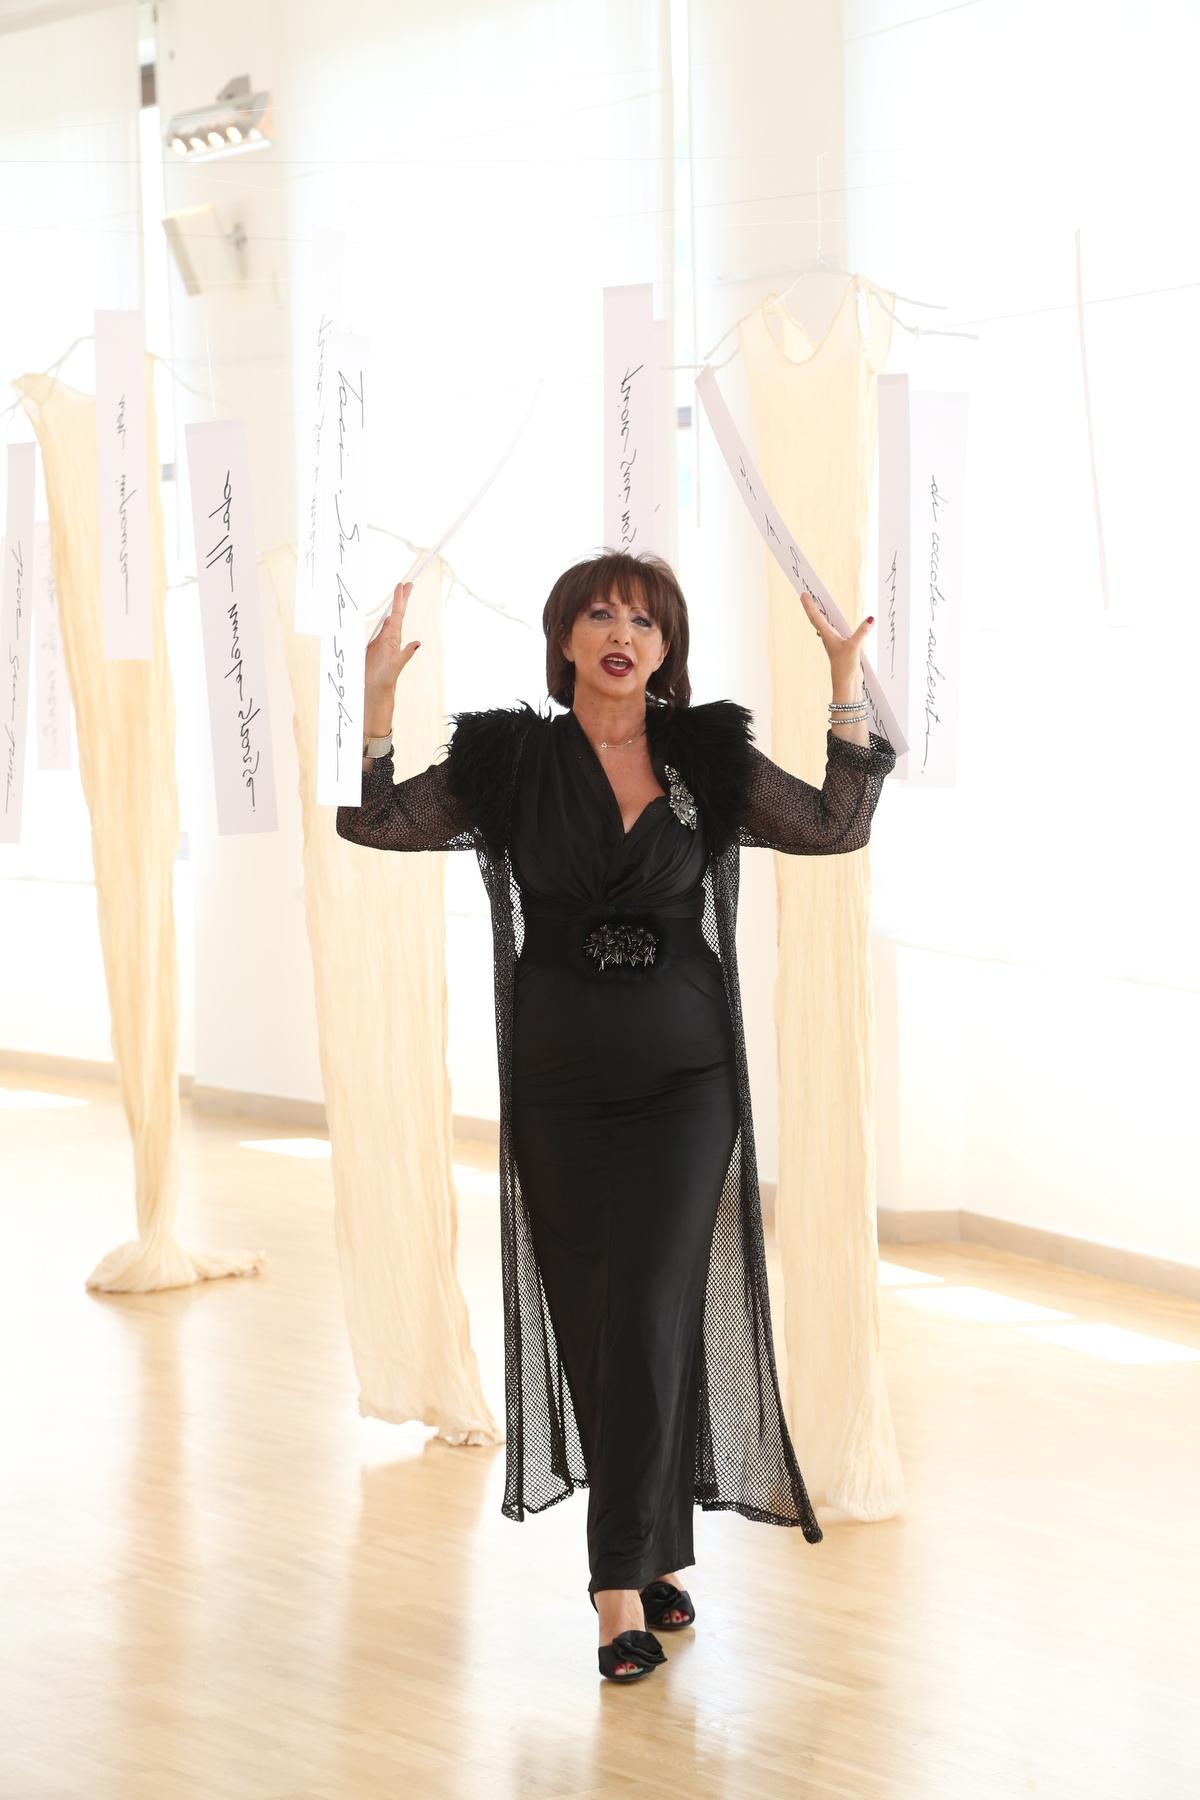 Daniela Musini interpreta, presso l'Aurum a Pescara, la pioggia nel pineto, all'interno dell'installazione artistica di Antonella Cinelli